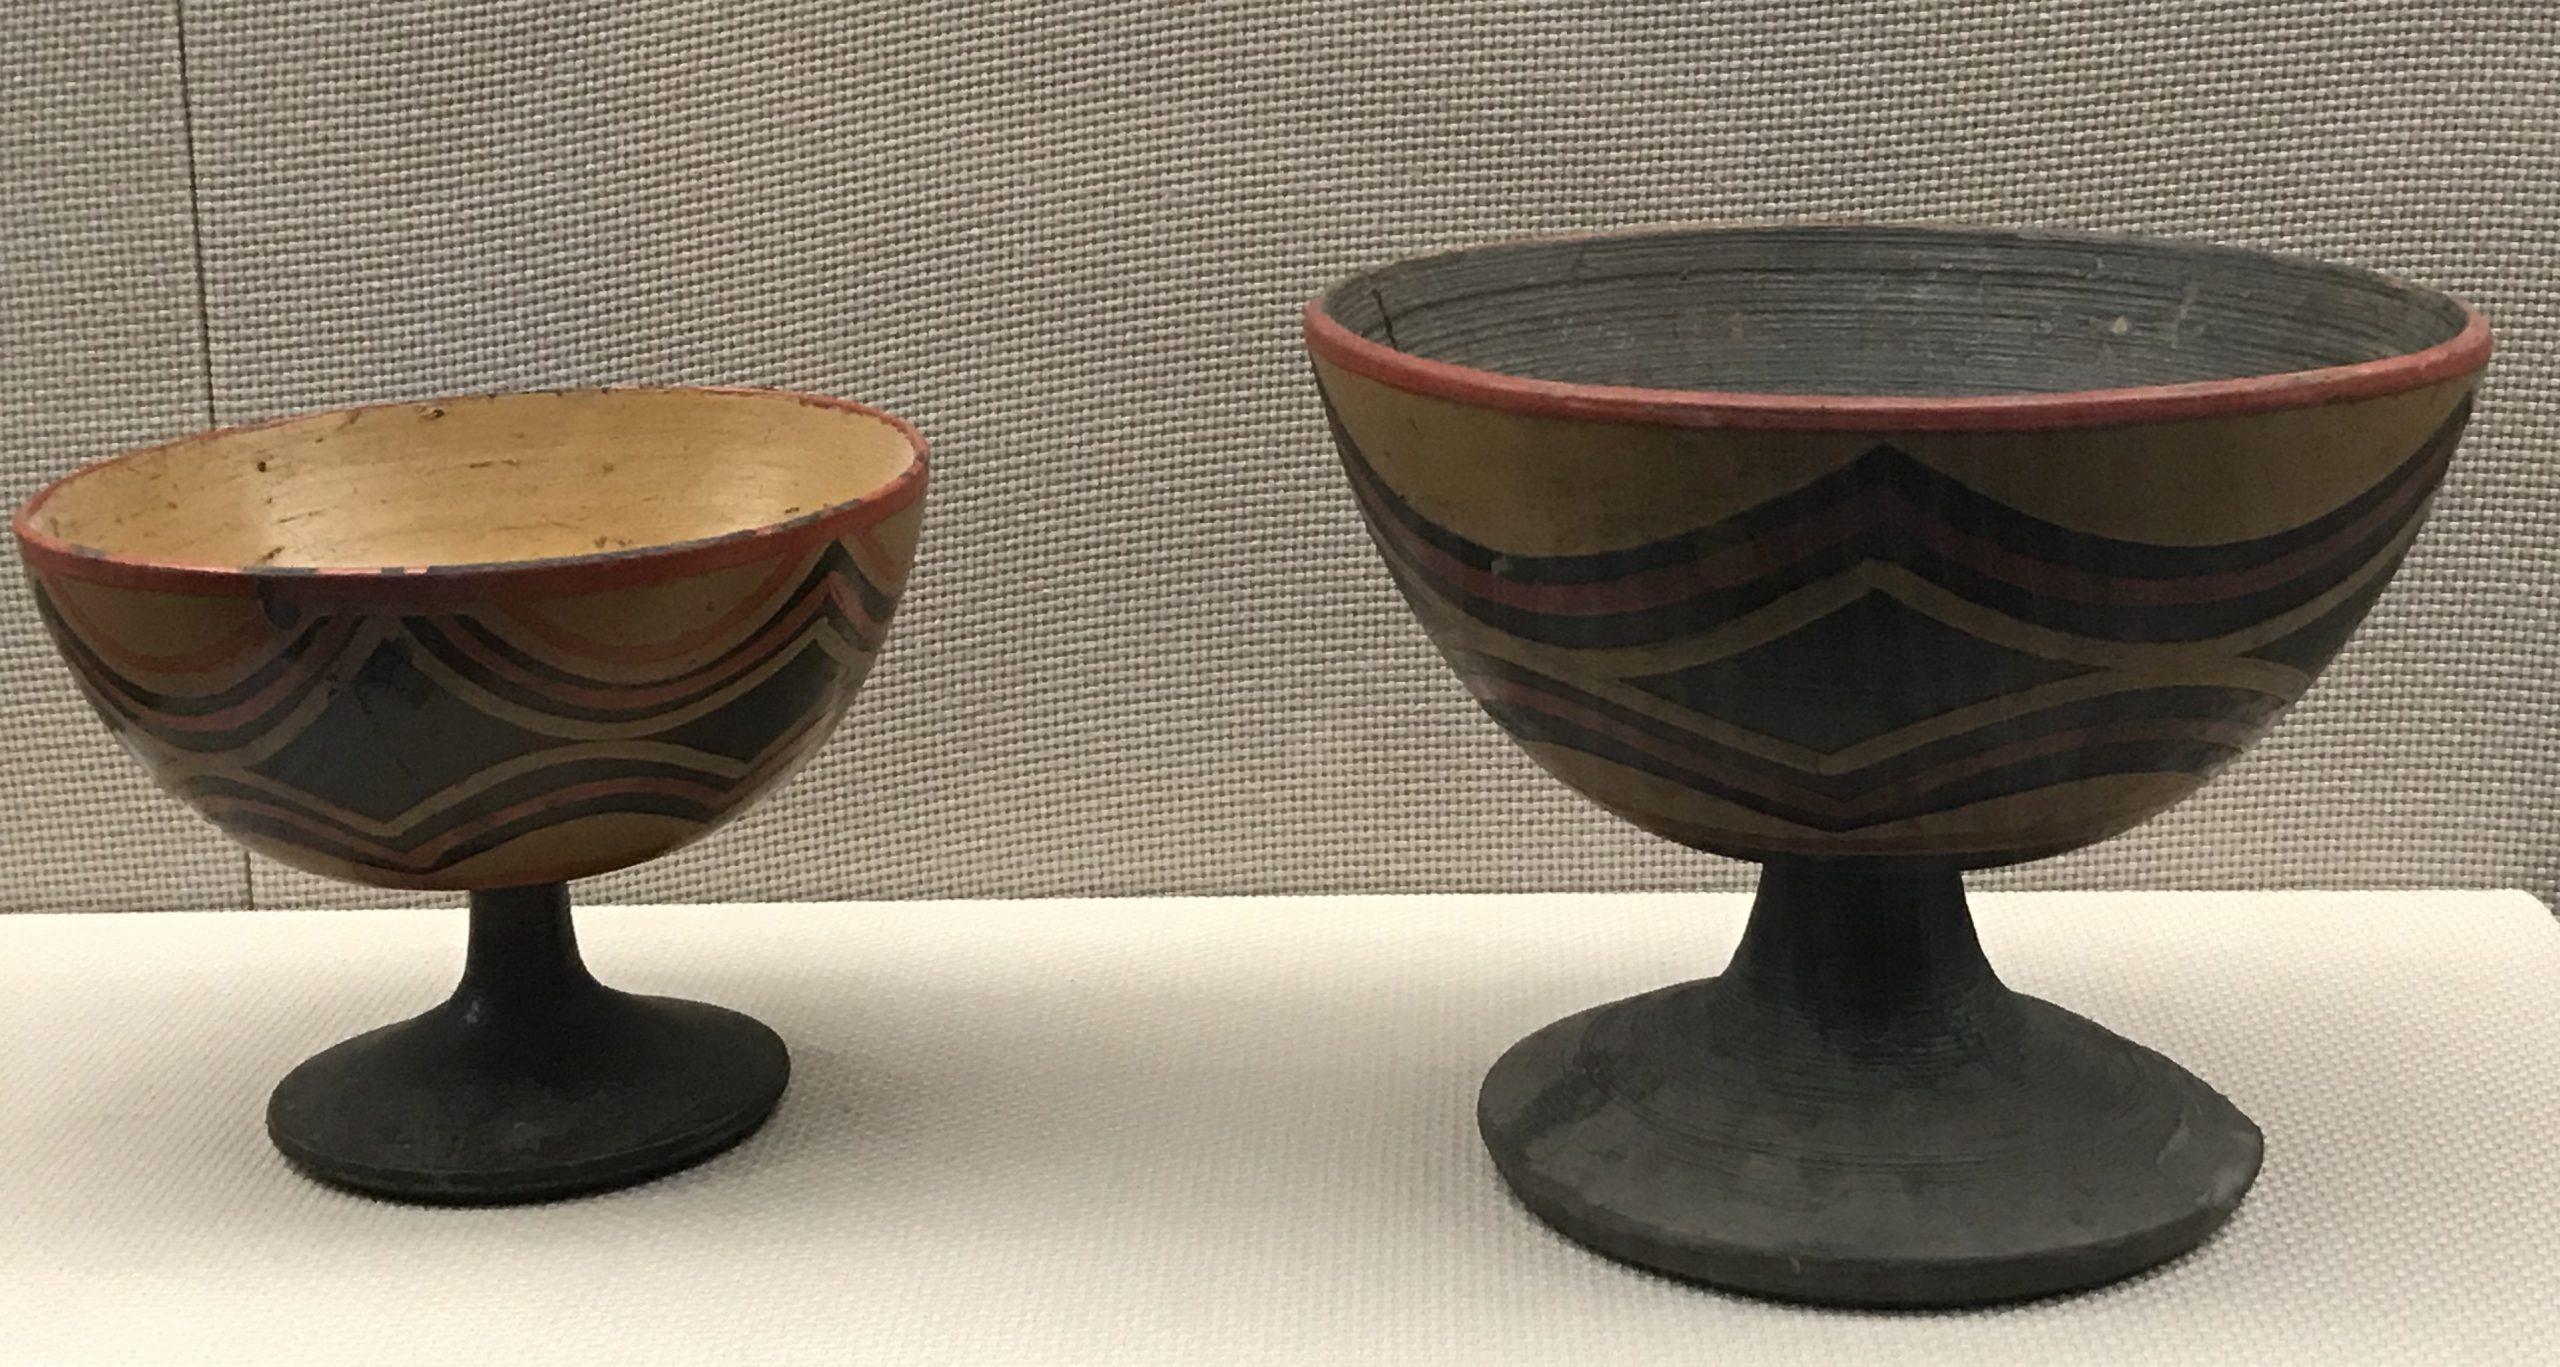 彩絵漆高足碗-漆山羊角杯-彜族漆器-四川民族文物館-四川博物館-成都